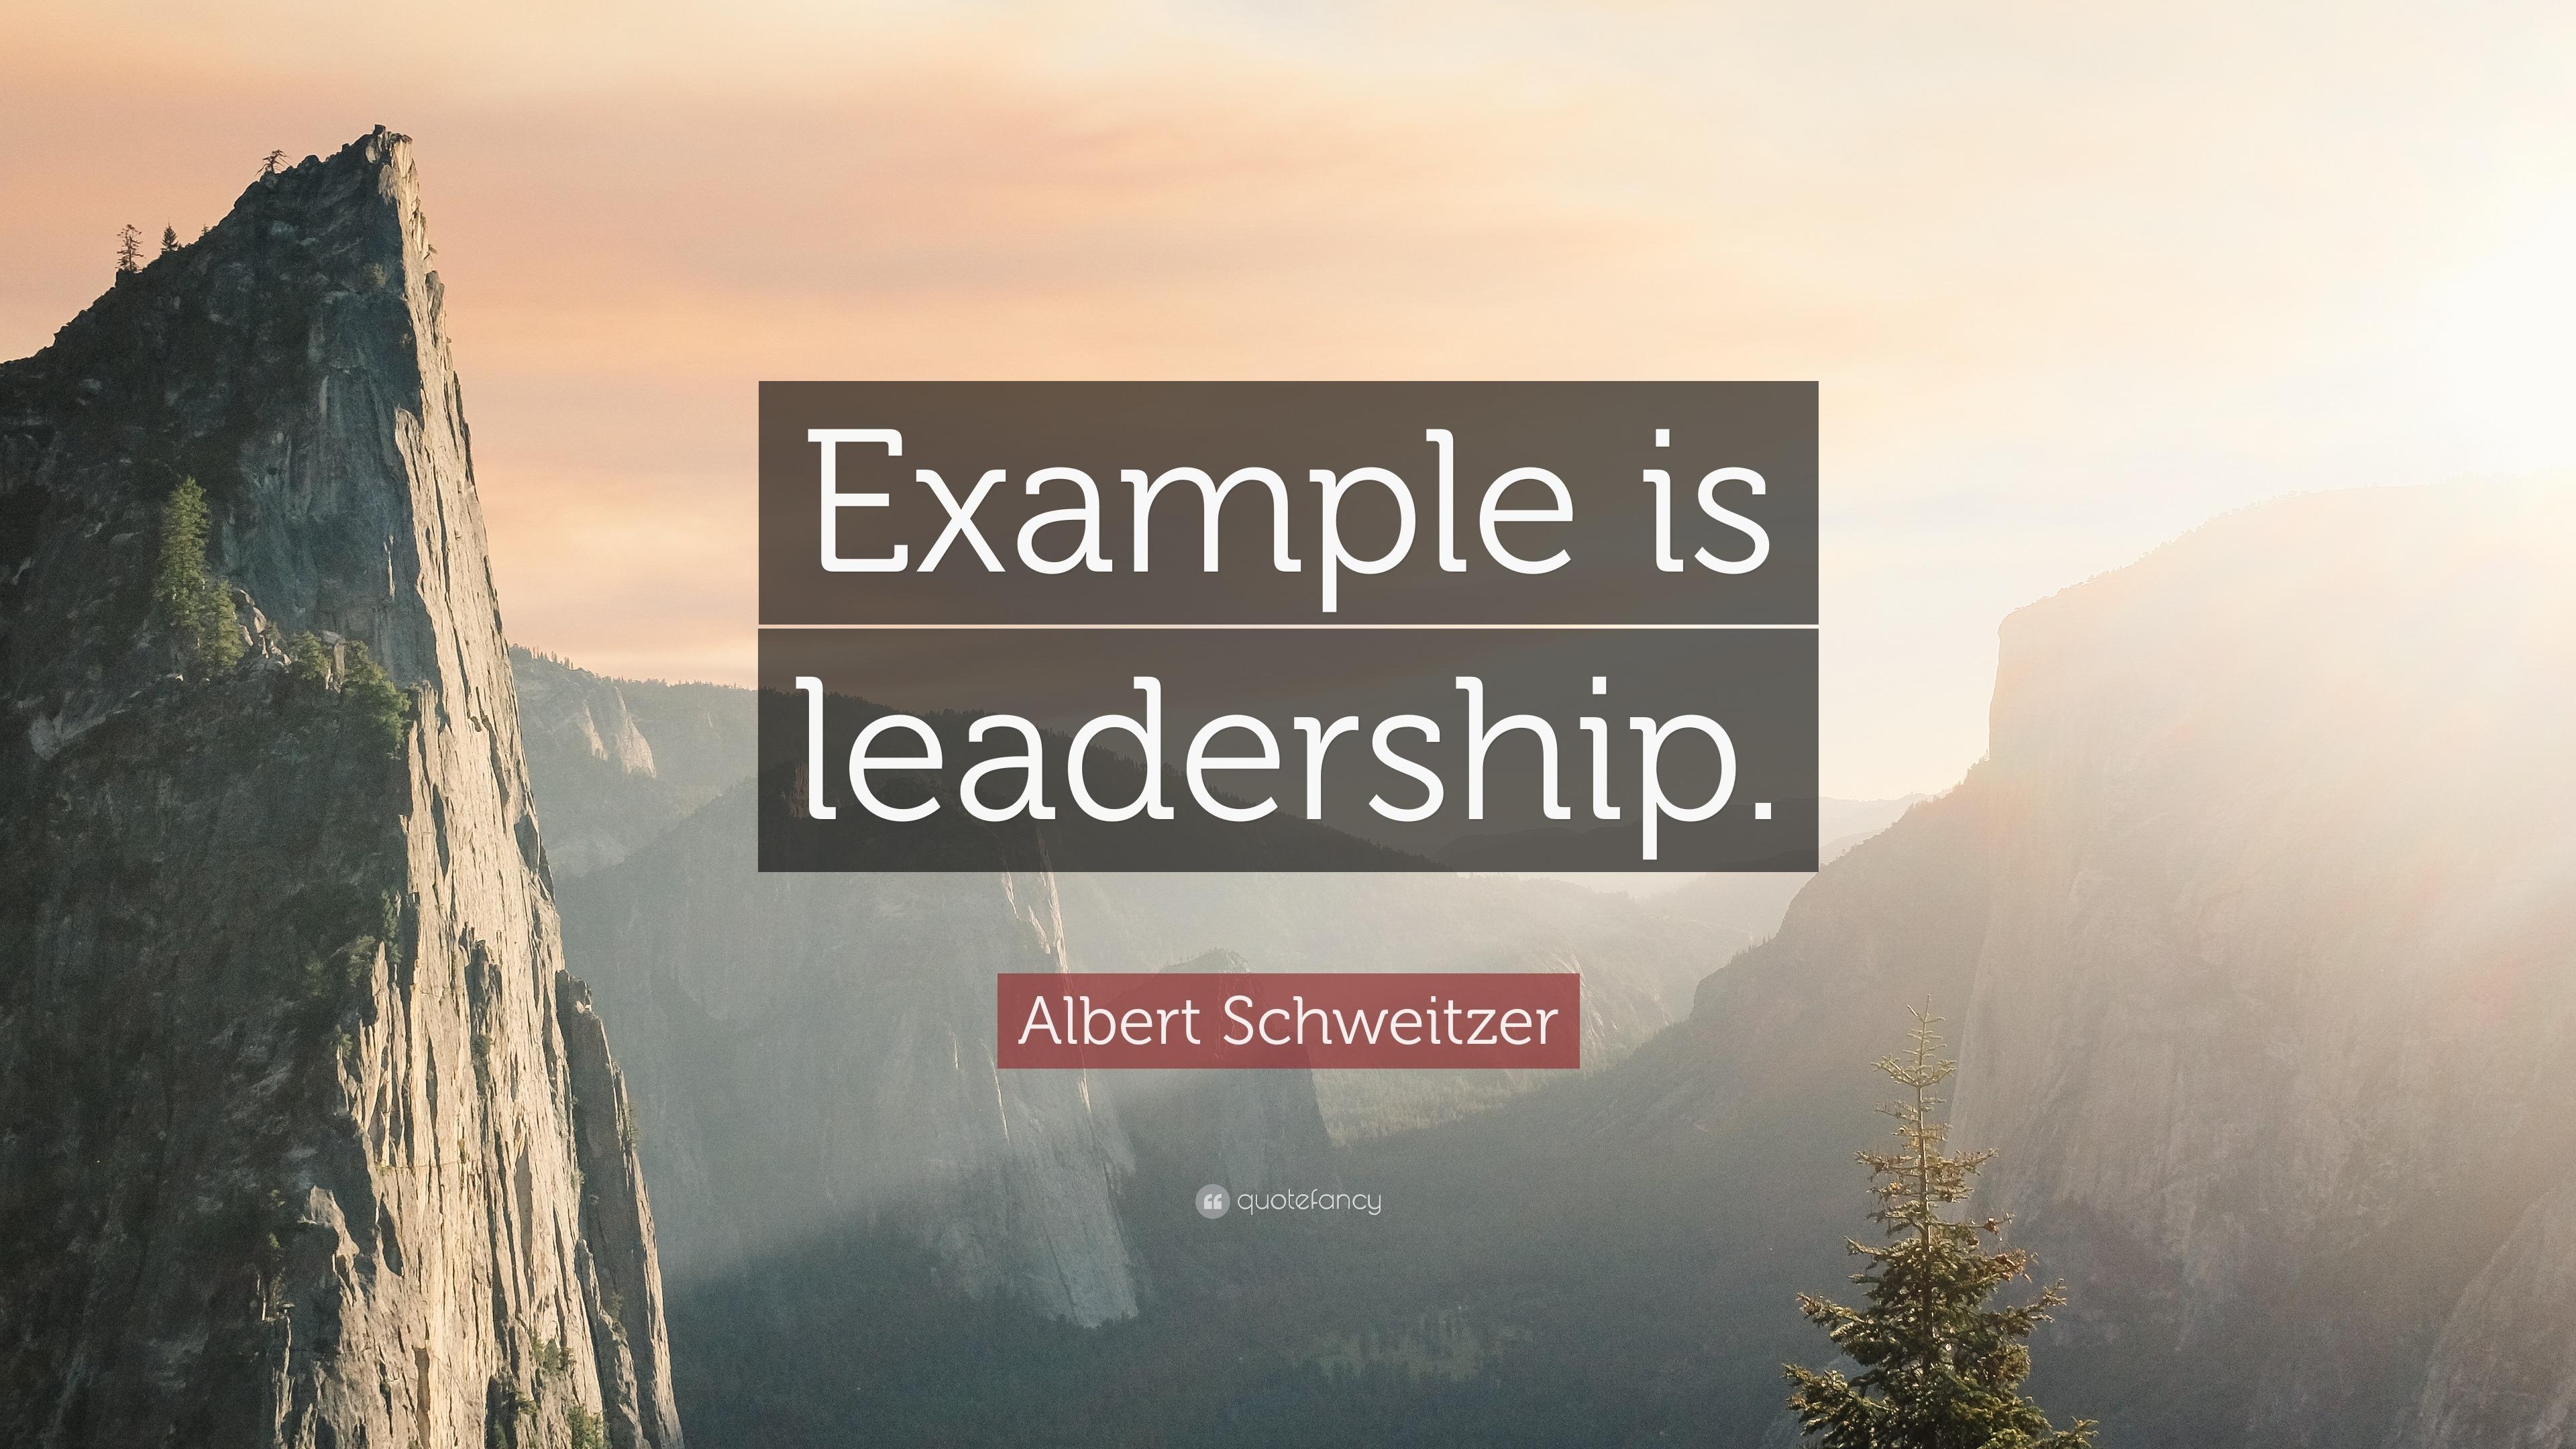 albert schweitzer quote example is leadership  albert schweitzer quote example is leadership